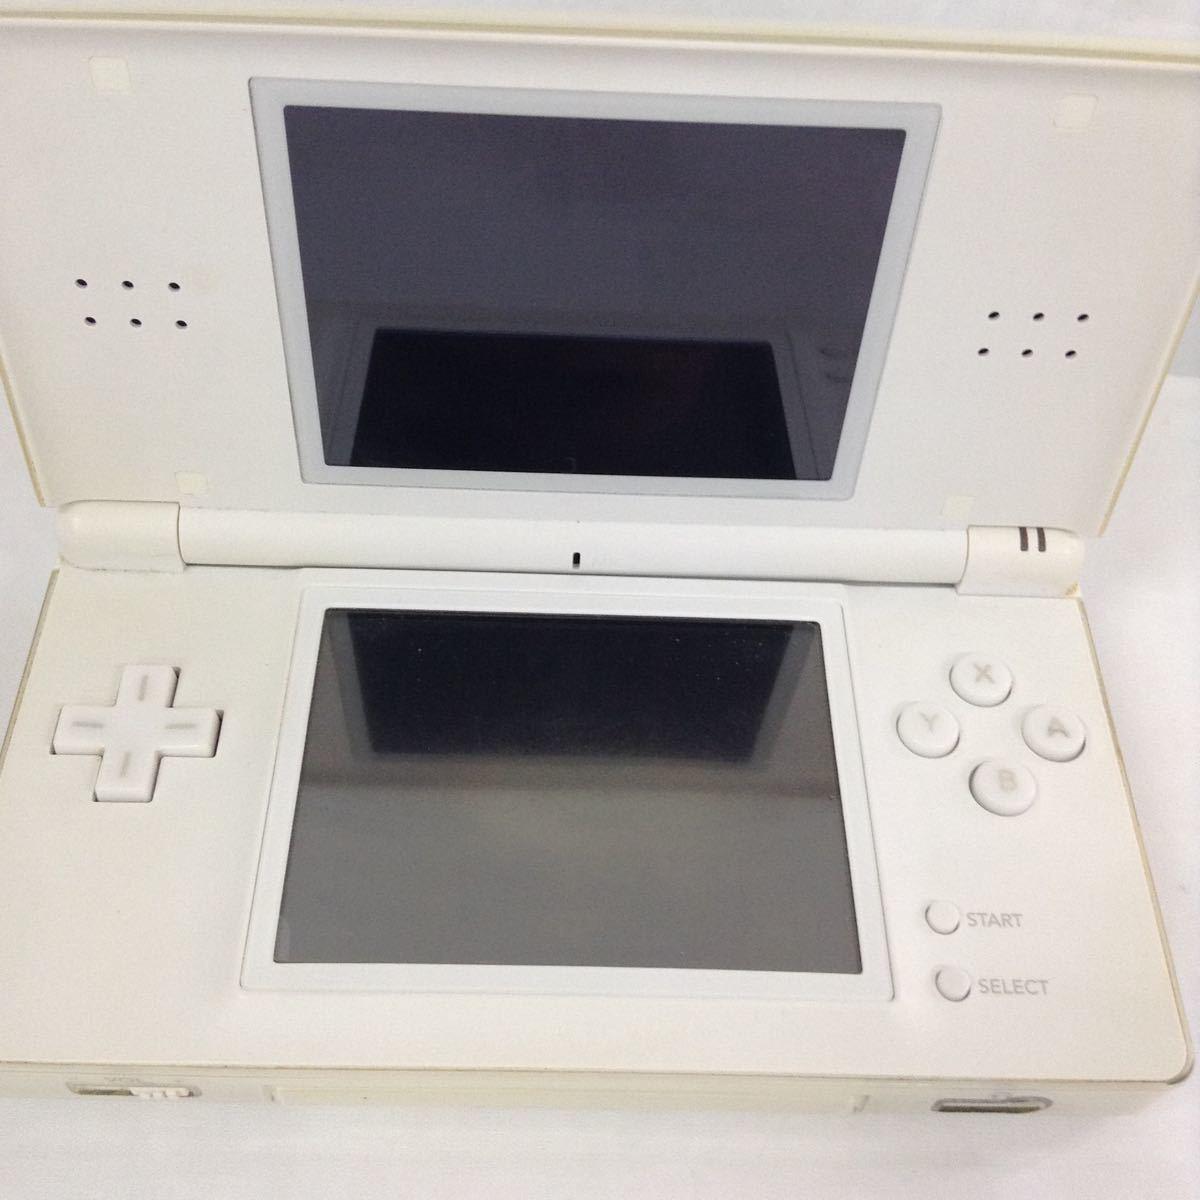 【箱なし中古】ニンテンドー DS lite 本体・ケース・ソフトx2 セット 動作確認済み【ジャンク】_画像2